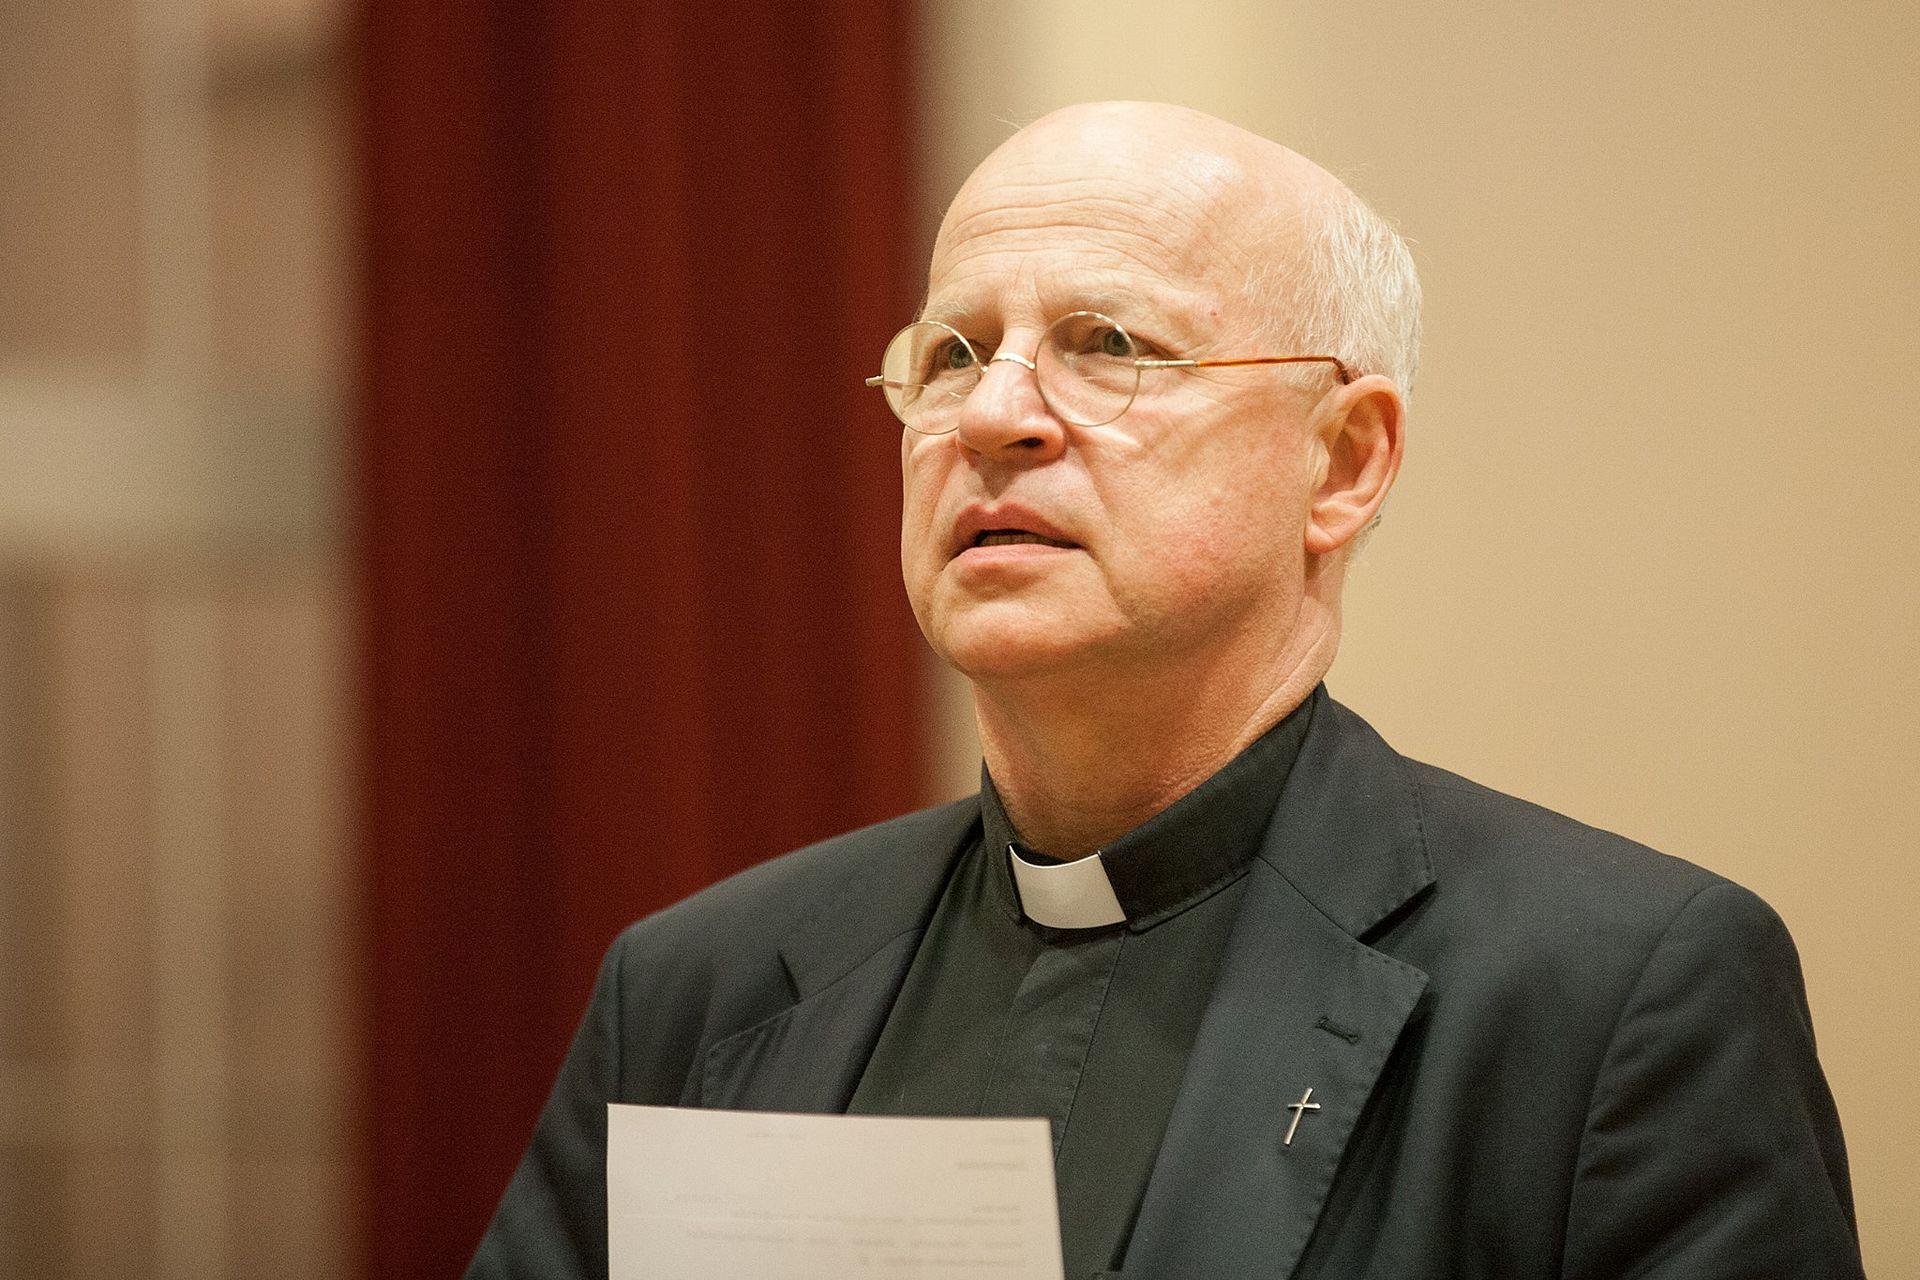 Wechsel in der Leitung der Polnische Gemeinde im Erzbistum Berlin